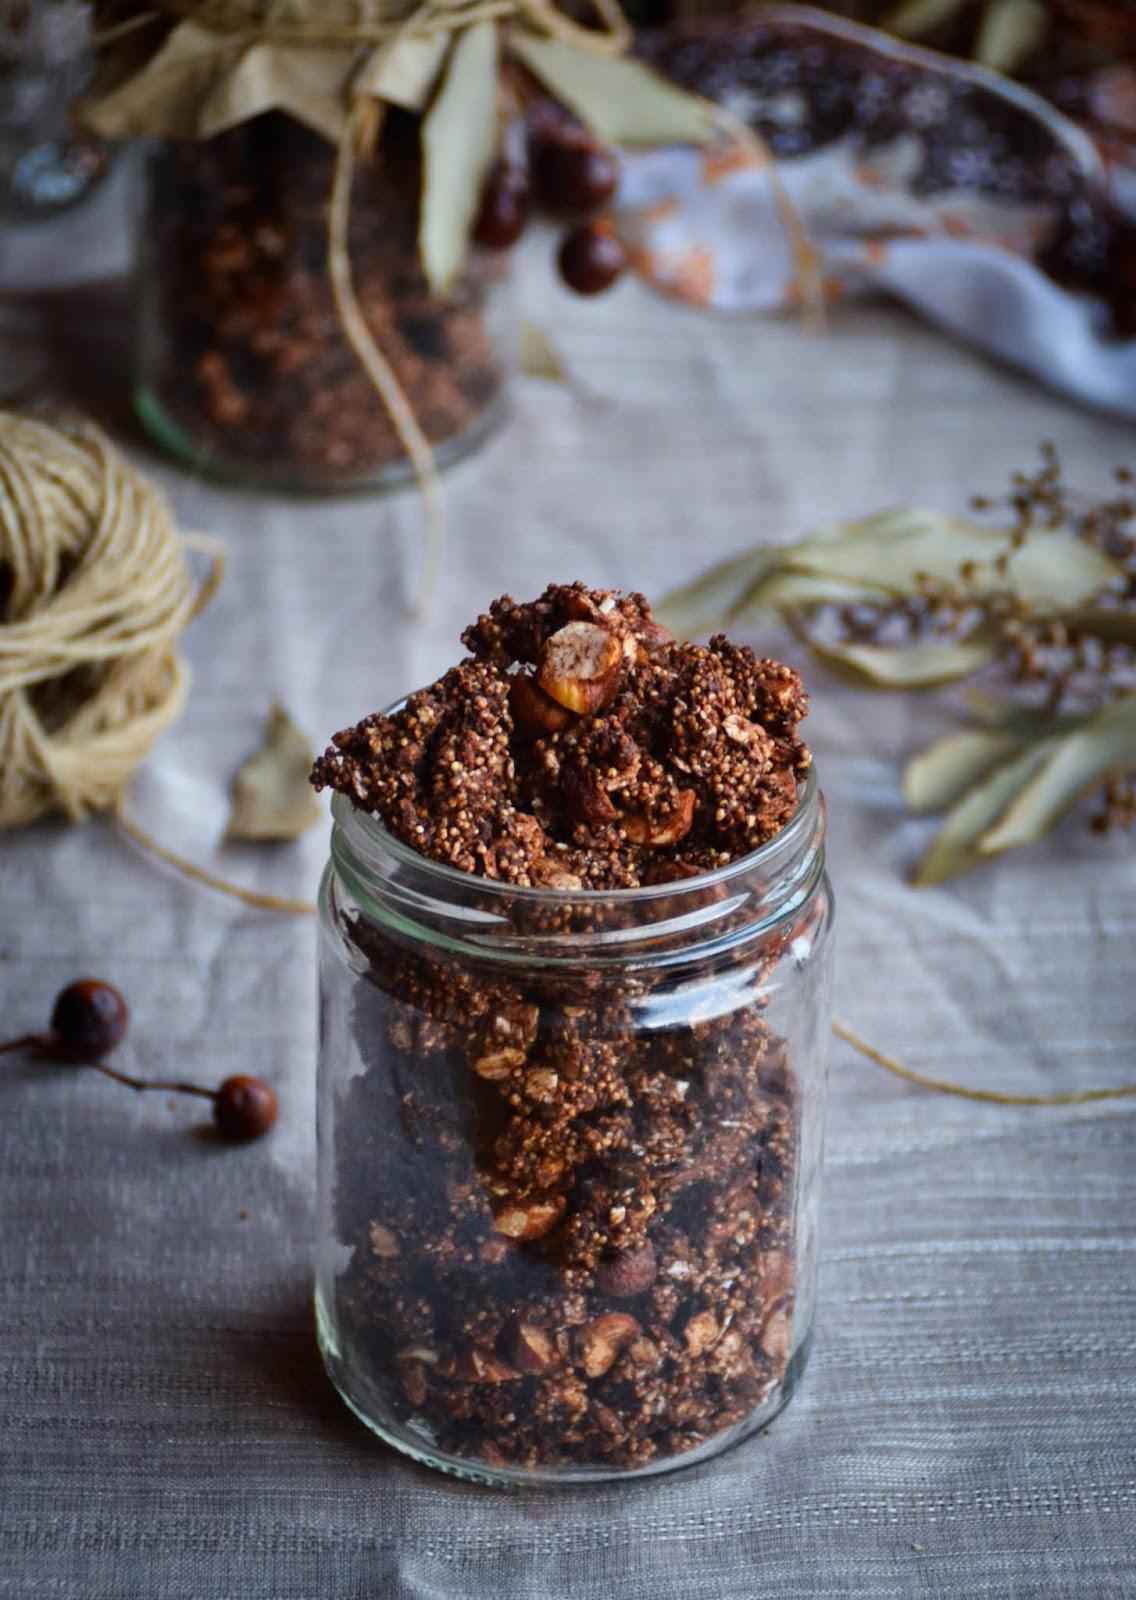 Tarro abierto para regalo granola ferrero rocher sin gluten, fondo madera vieja, hojas eucalipto y ramas secas decorativas, cordón de esparto, velas encendidas